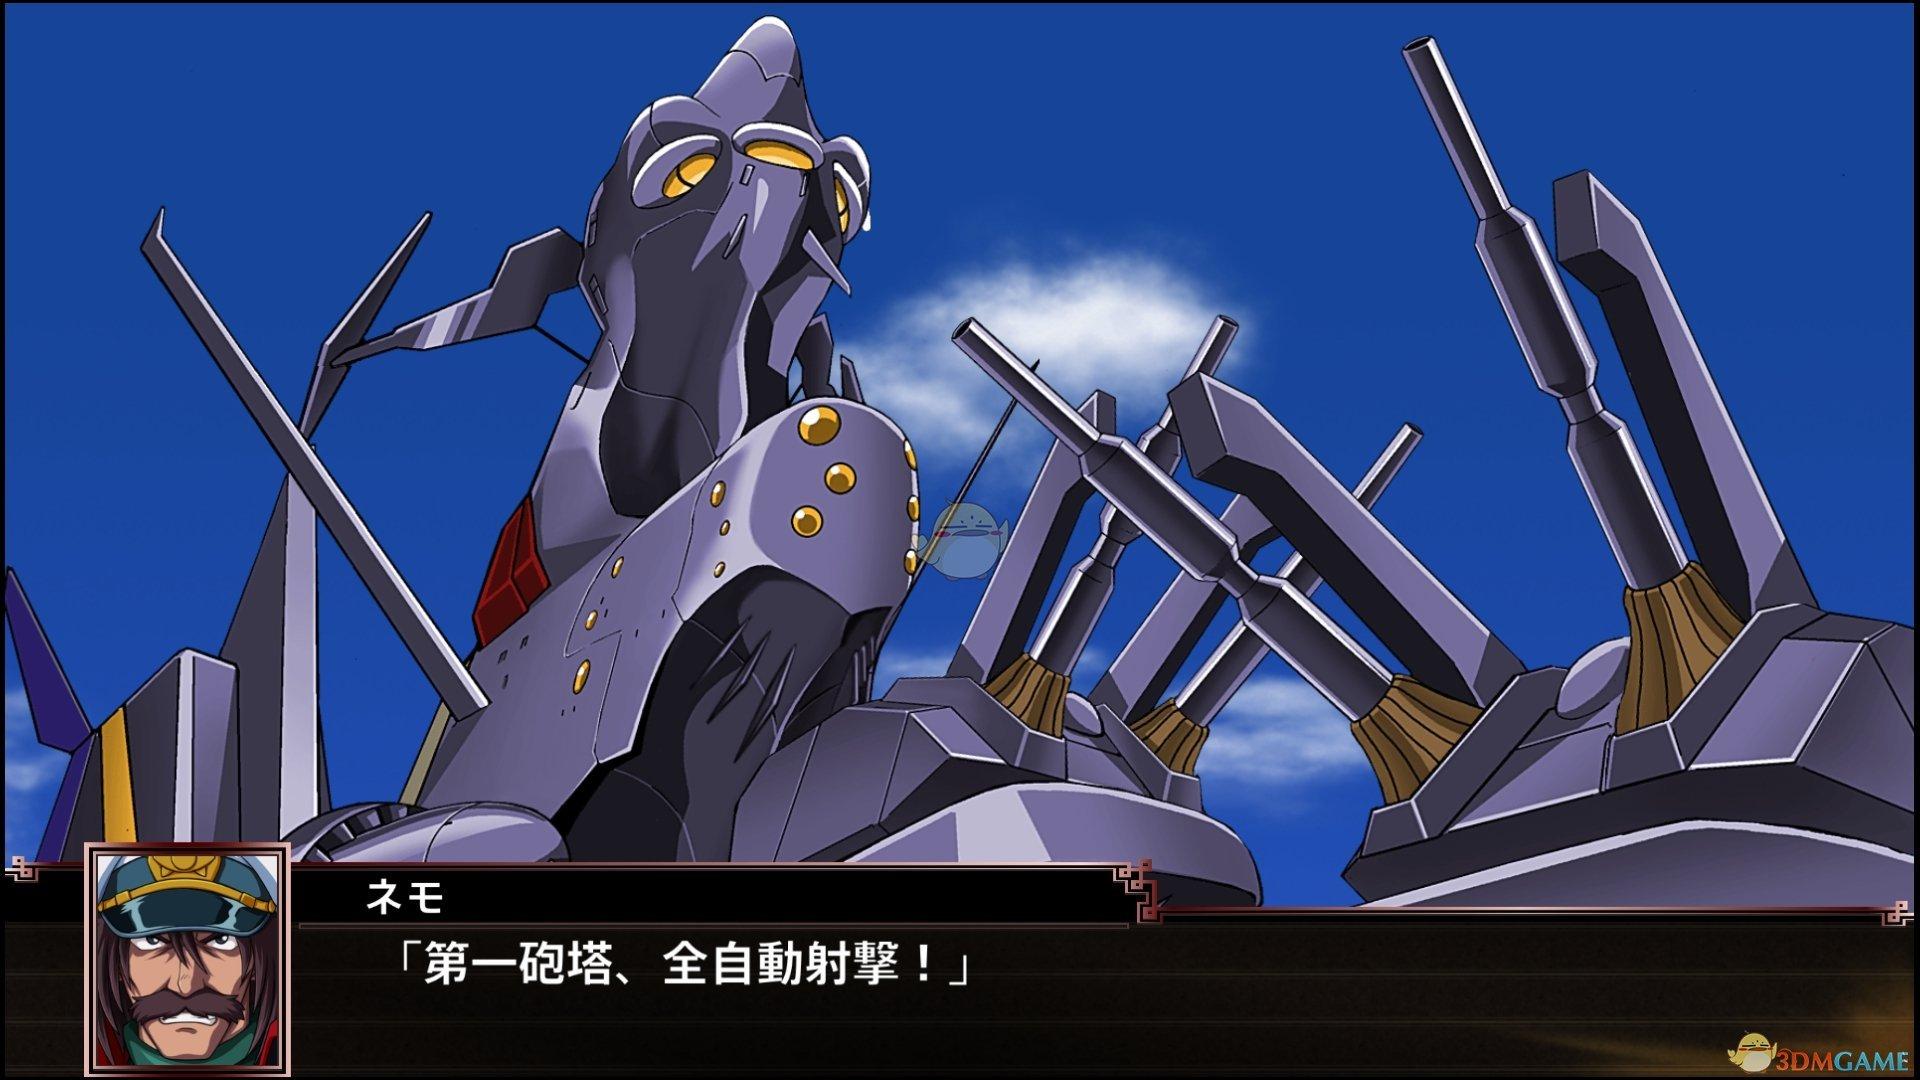 机器人大战j秘籍_超级机器人大战X第51话普通线怎么SR_第51话A天空里闪耀的全都是 ...